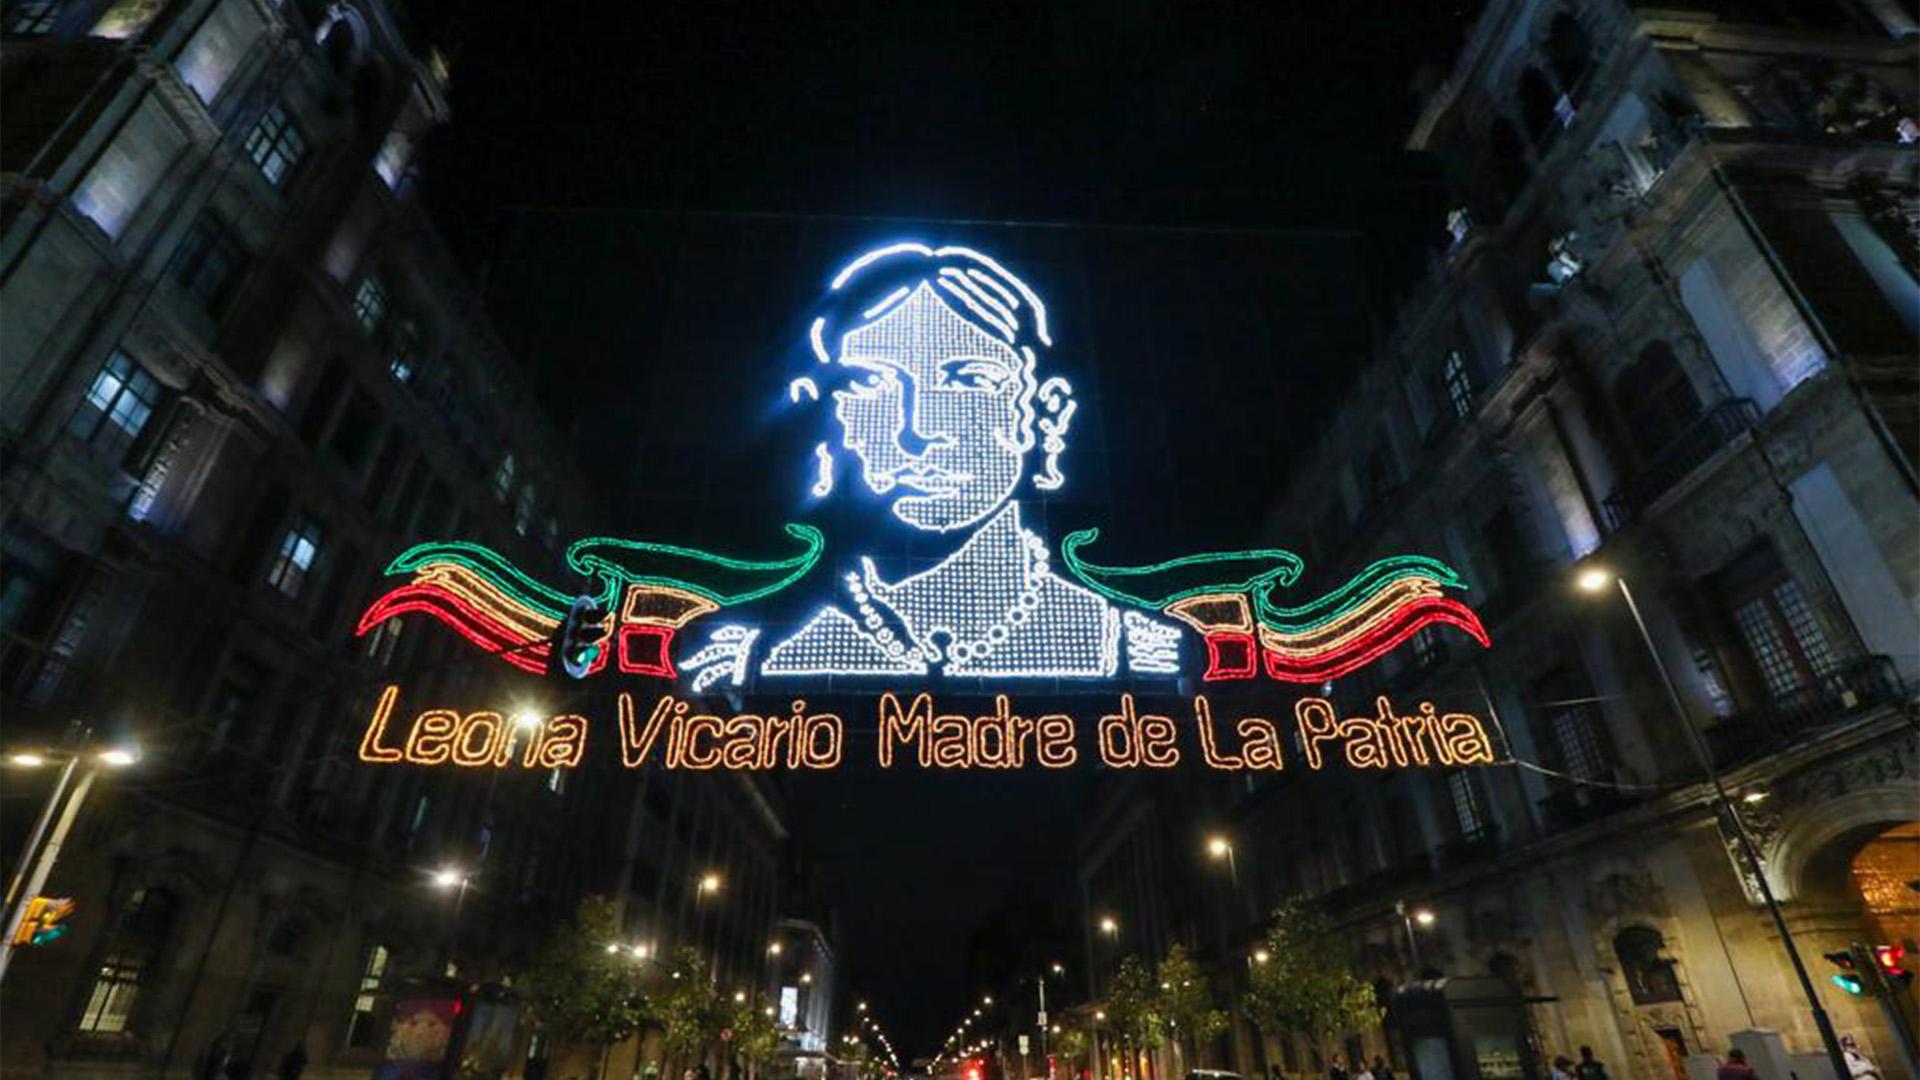 La JefaDeGobierno en compañía de Beatriz Gutiérrez Müller y otras autoridades y un grupo de niños, encendieron las luces decorativas del Zócalo de la Ciudad para conmemorar 210 años del inicio de la Independencia de Méxic (Foto: Twitter@GobCDMX)